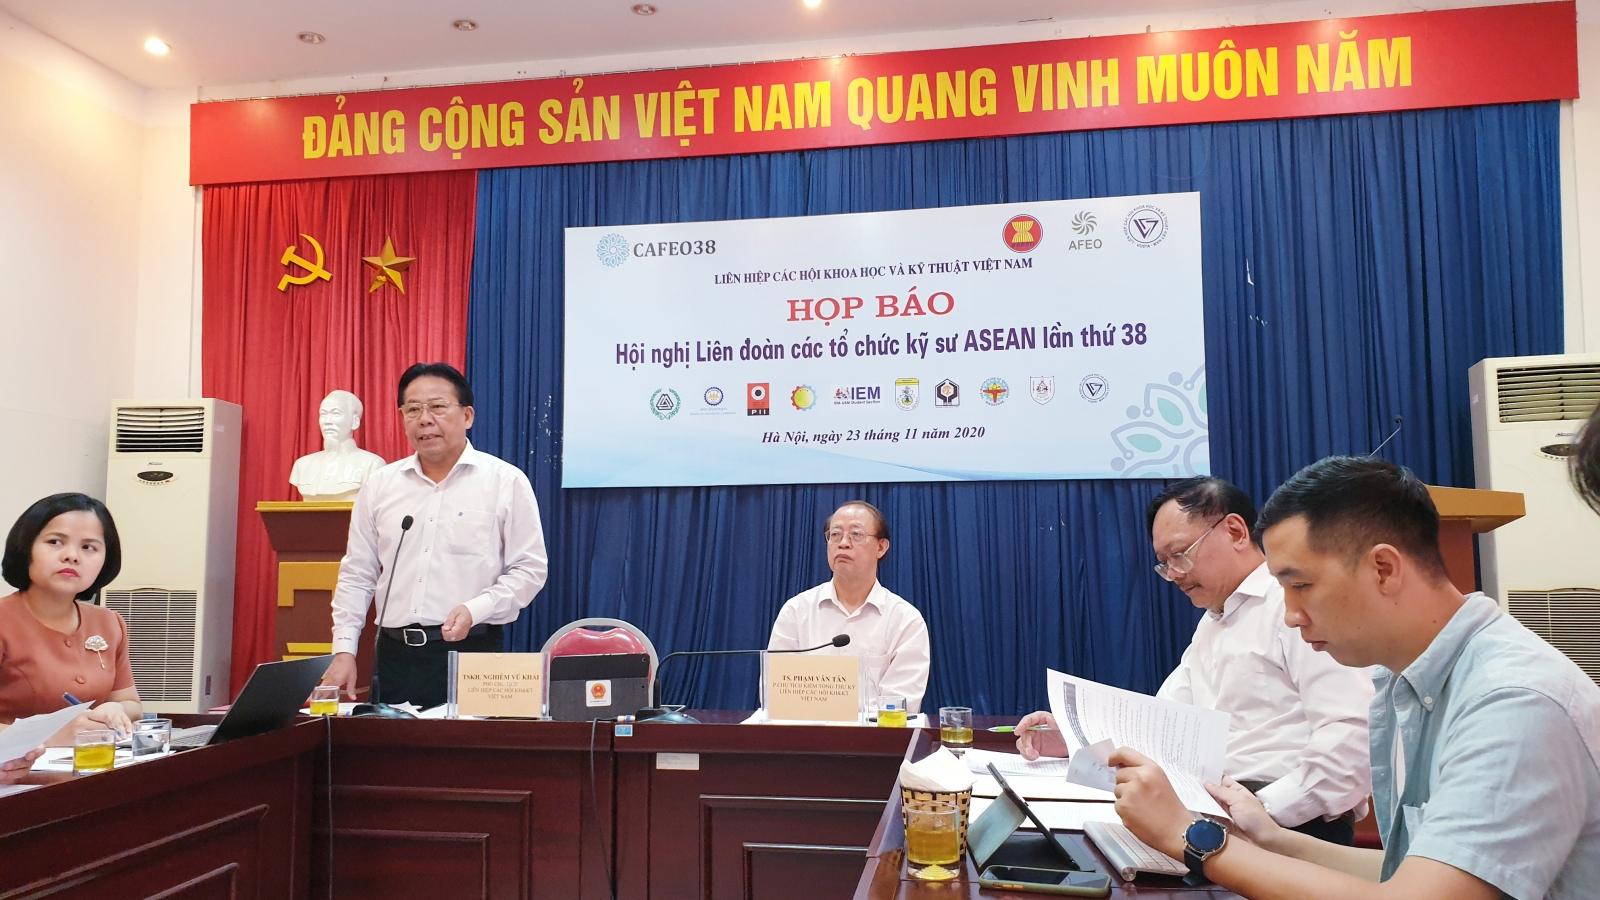 Thủ tướng sẽ dự và phát biểu tại Hội nghị CAFEO 38